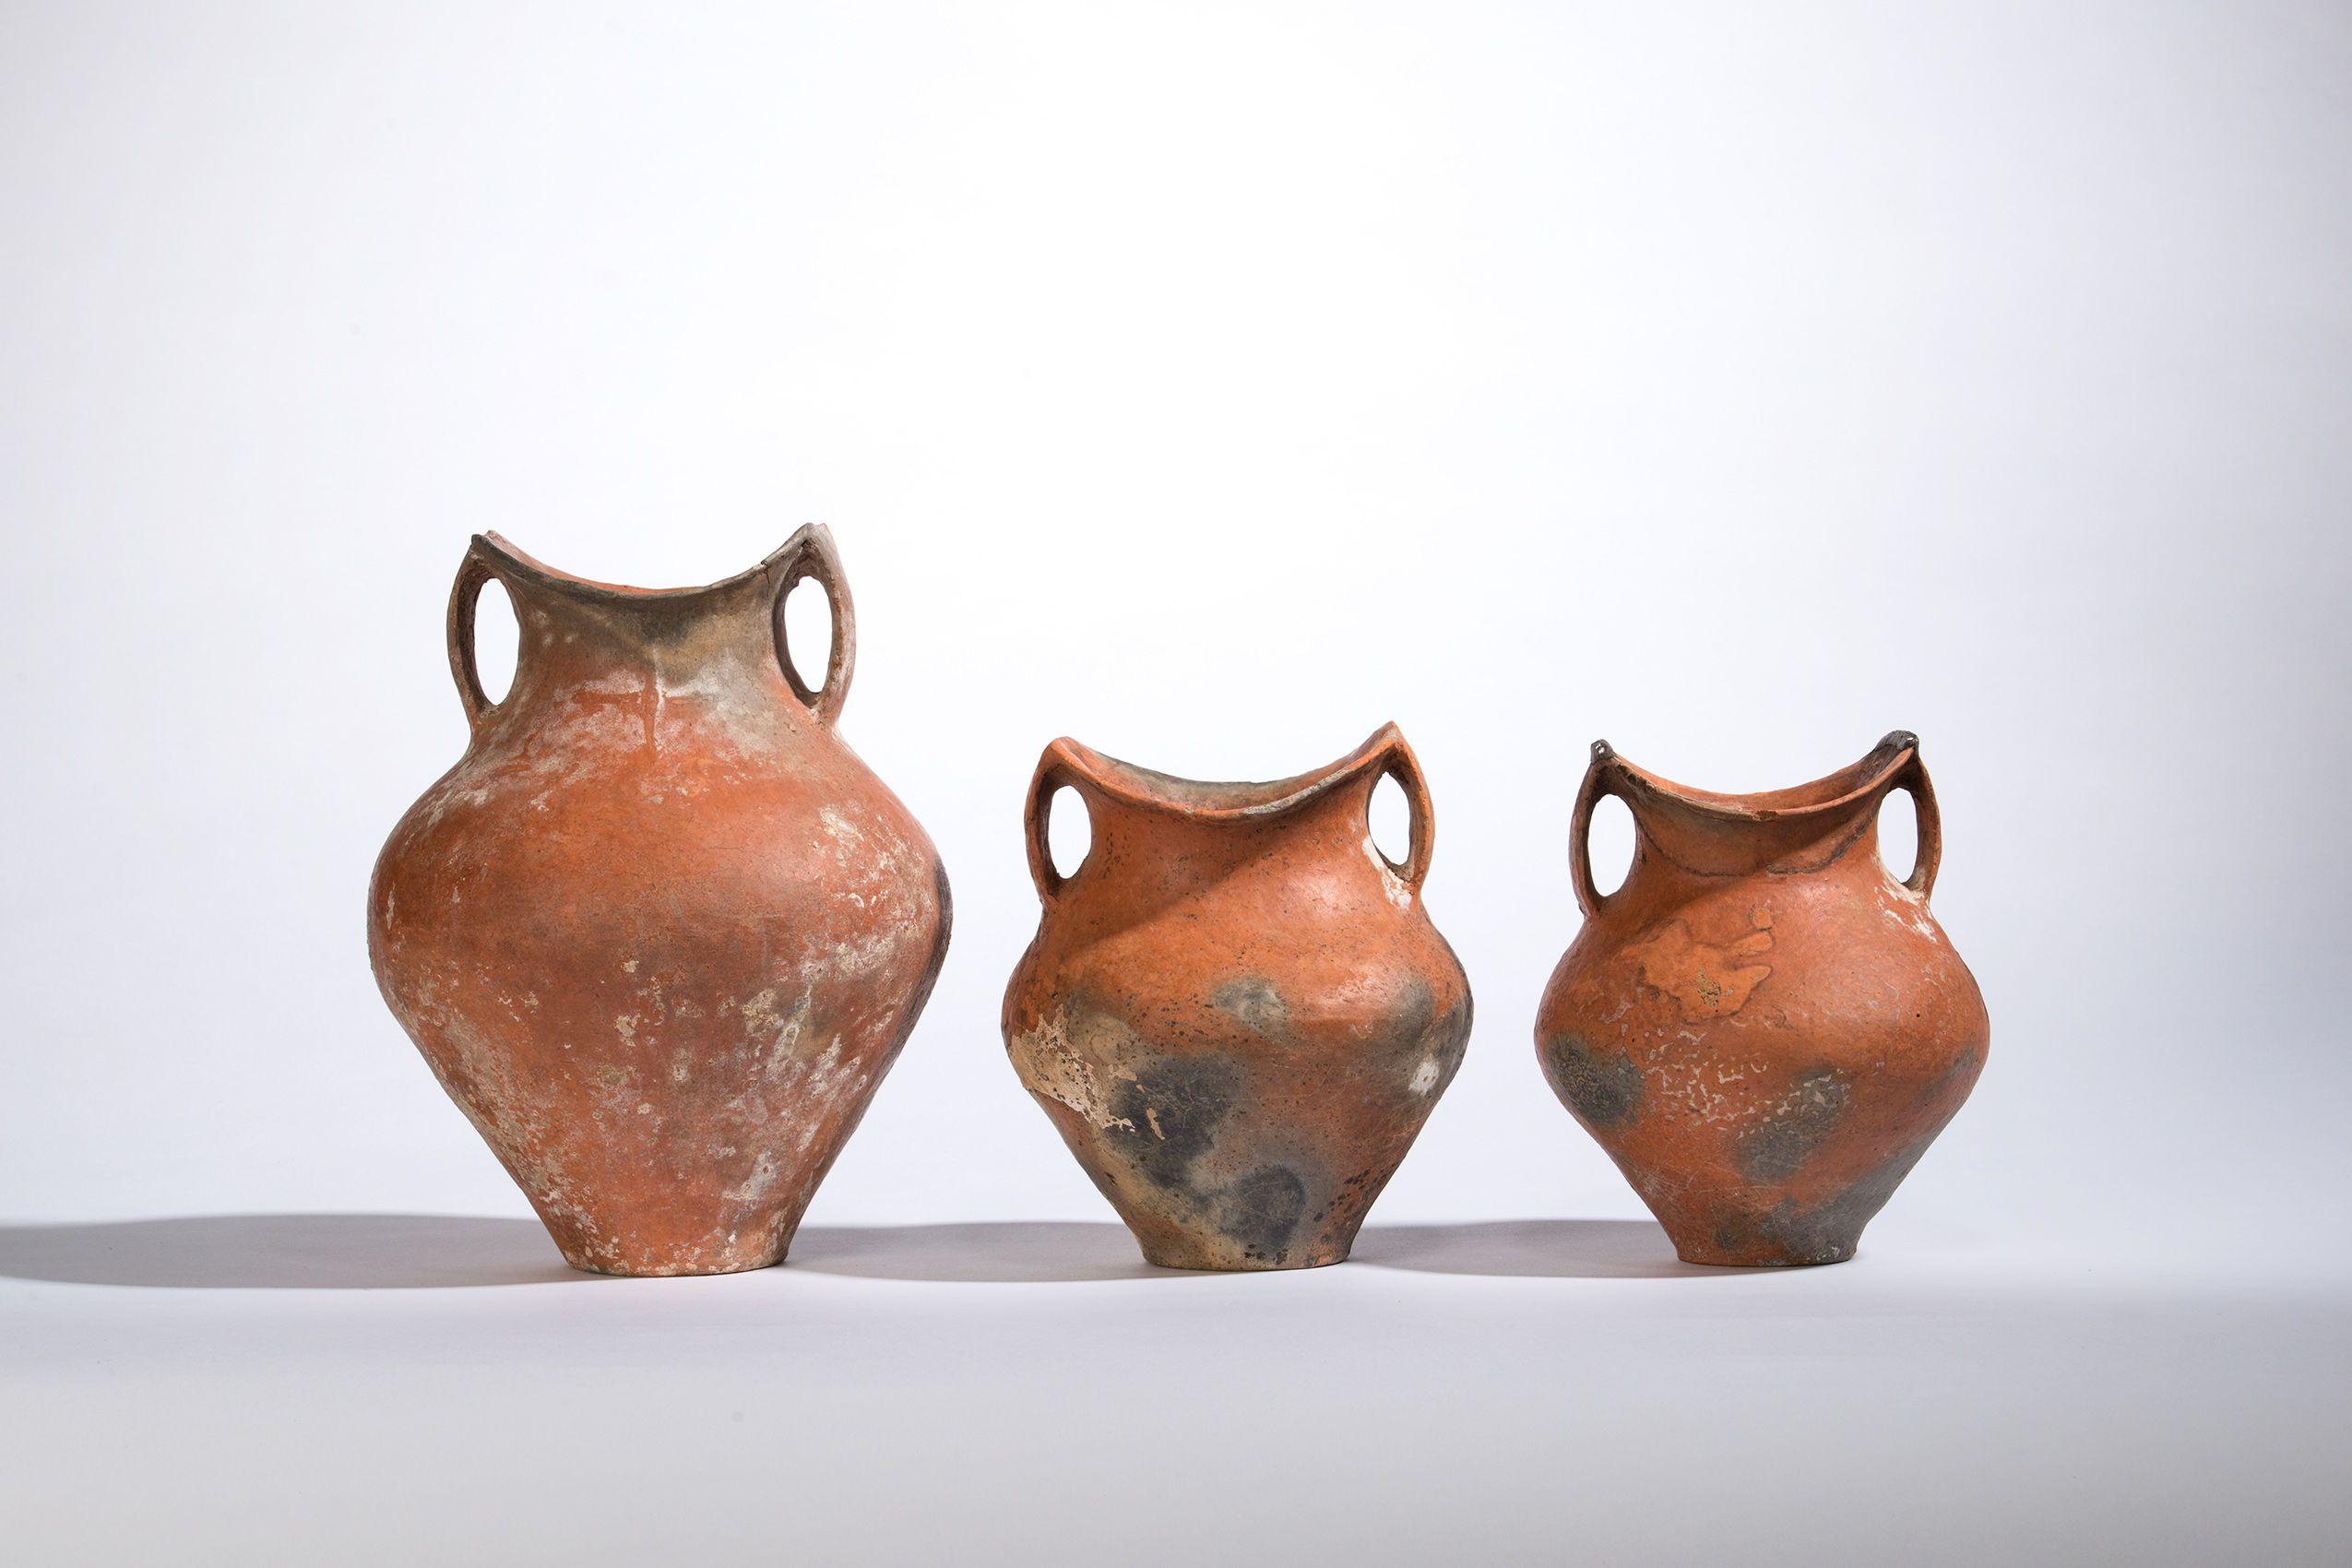 Series of pots